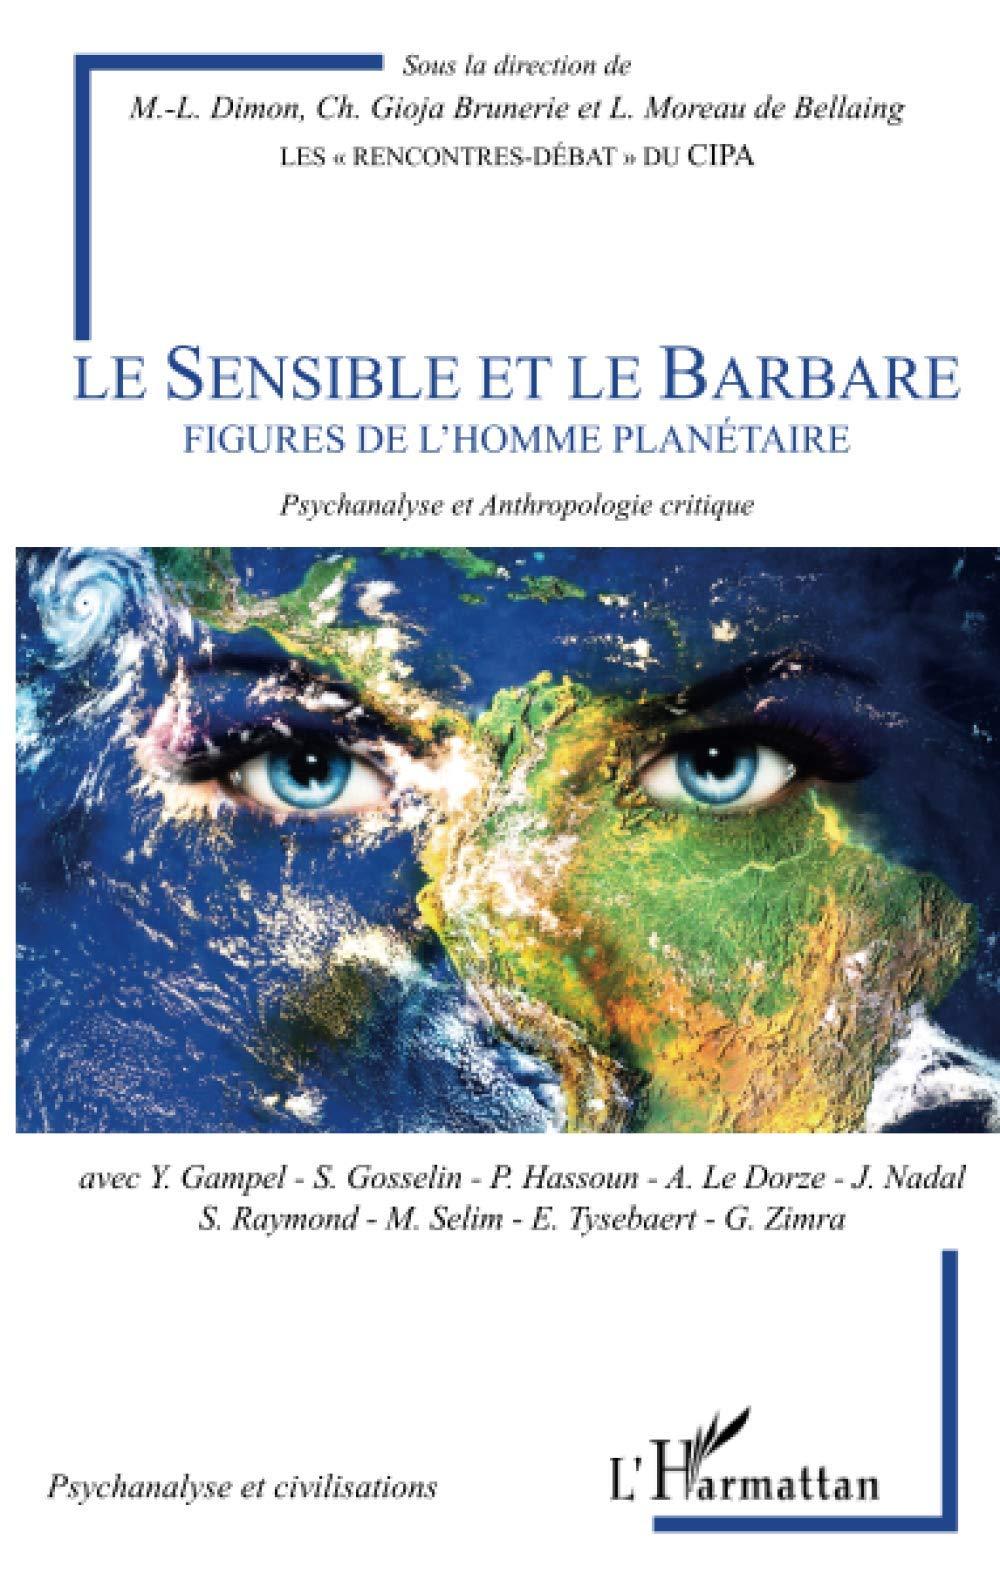 Le sensible et le barbare.  Figures de l'homme planétaire / Psychanalyse et anthropologie critique